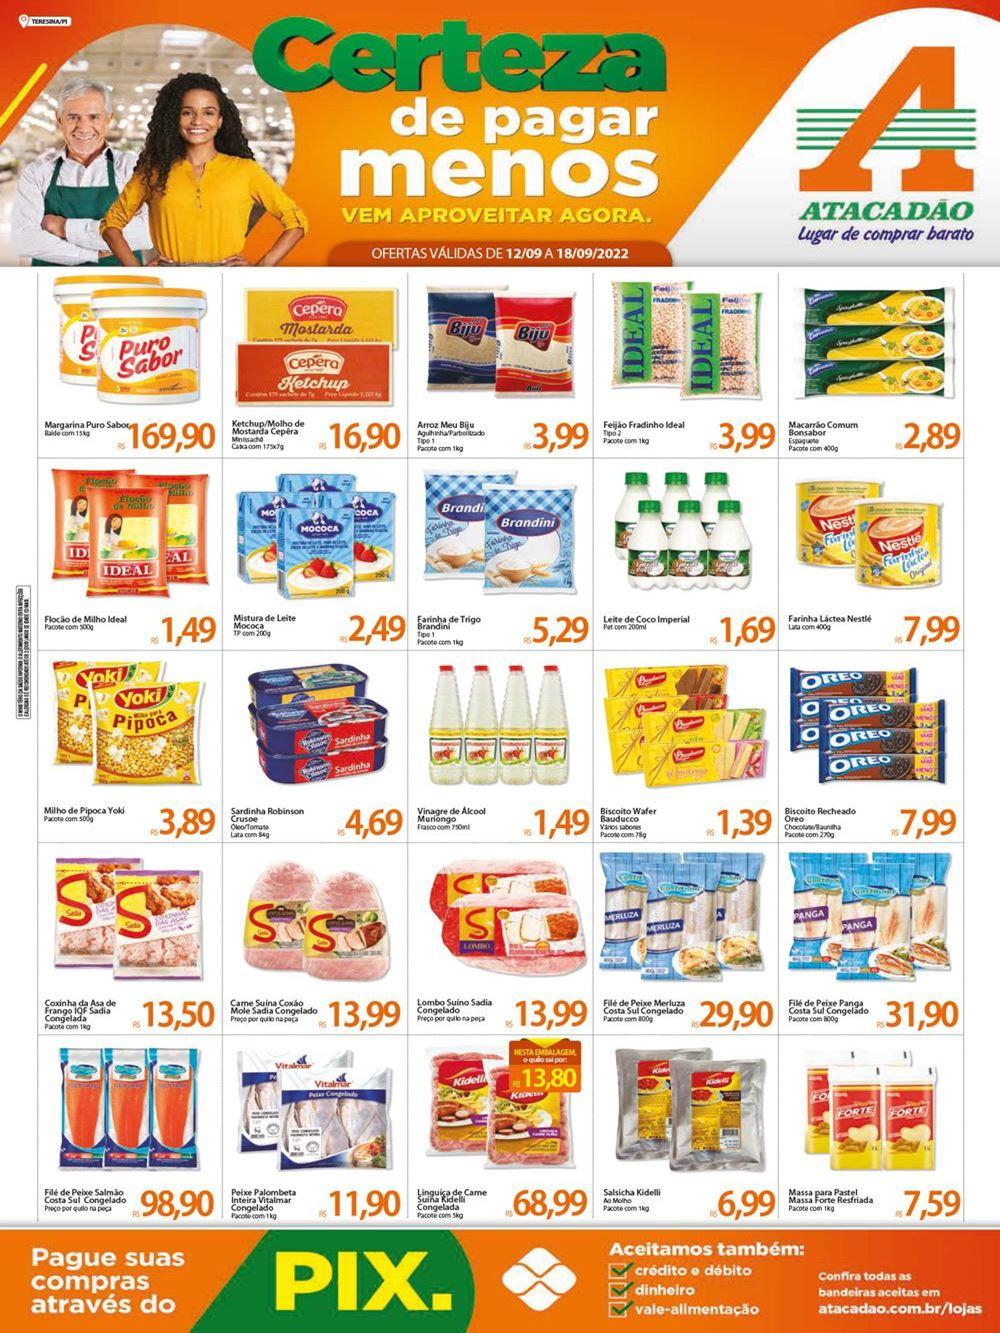 atacadao-ofertas-descontos-hoje14-13 Minas Gerais